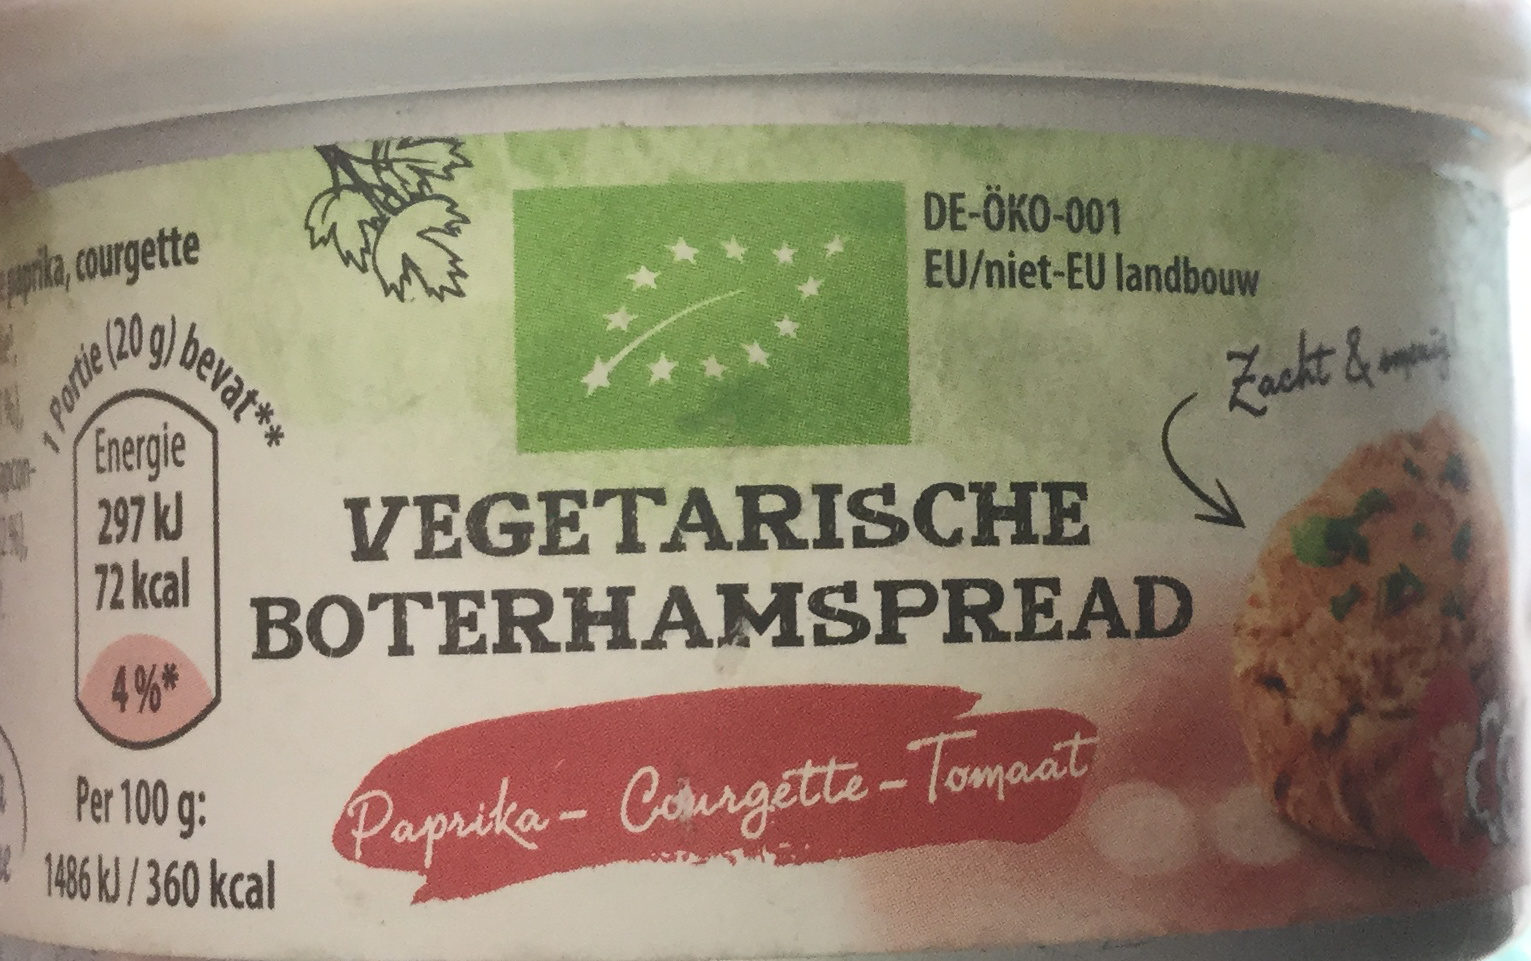 Vegetarische boterhamspread - Product - nl